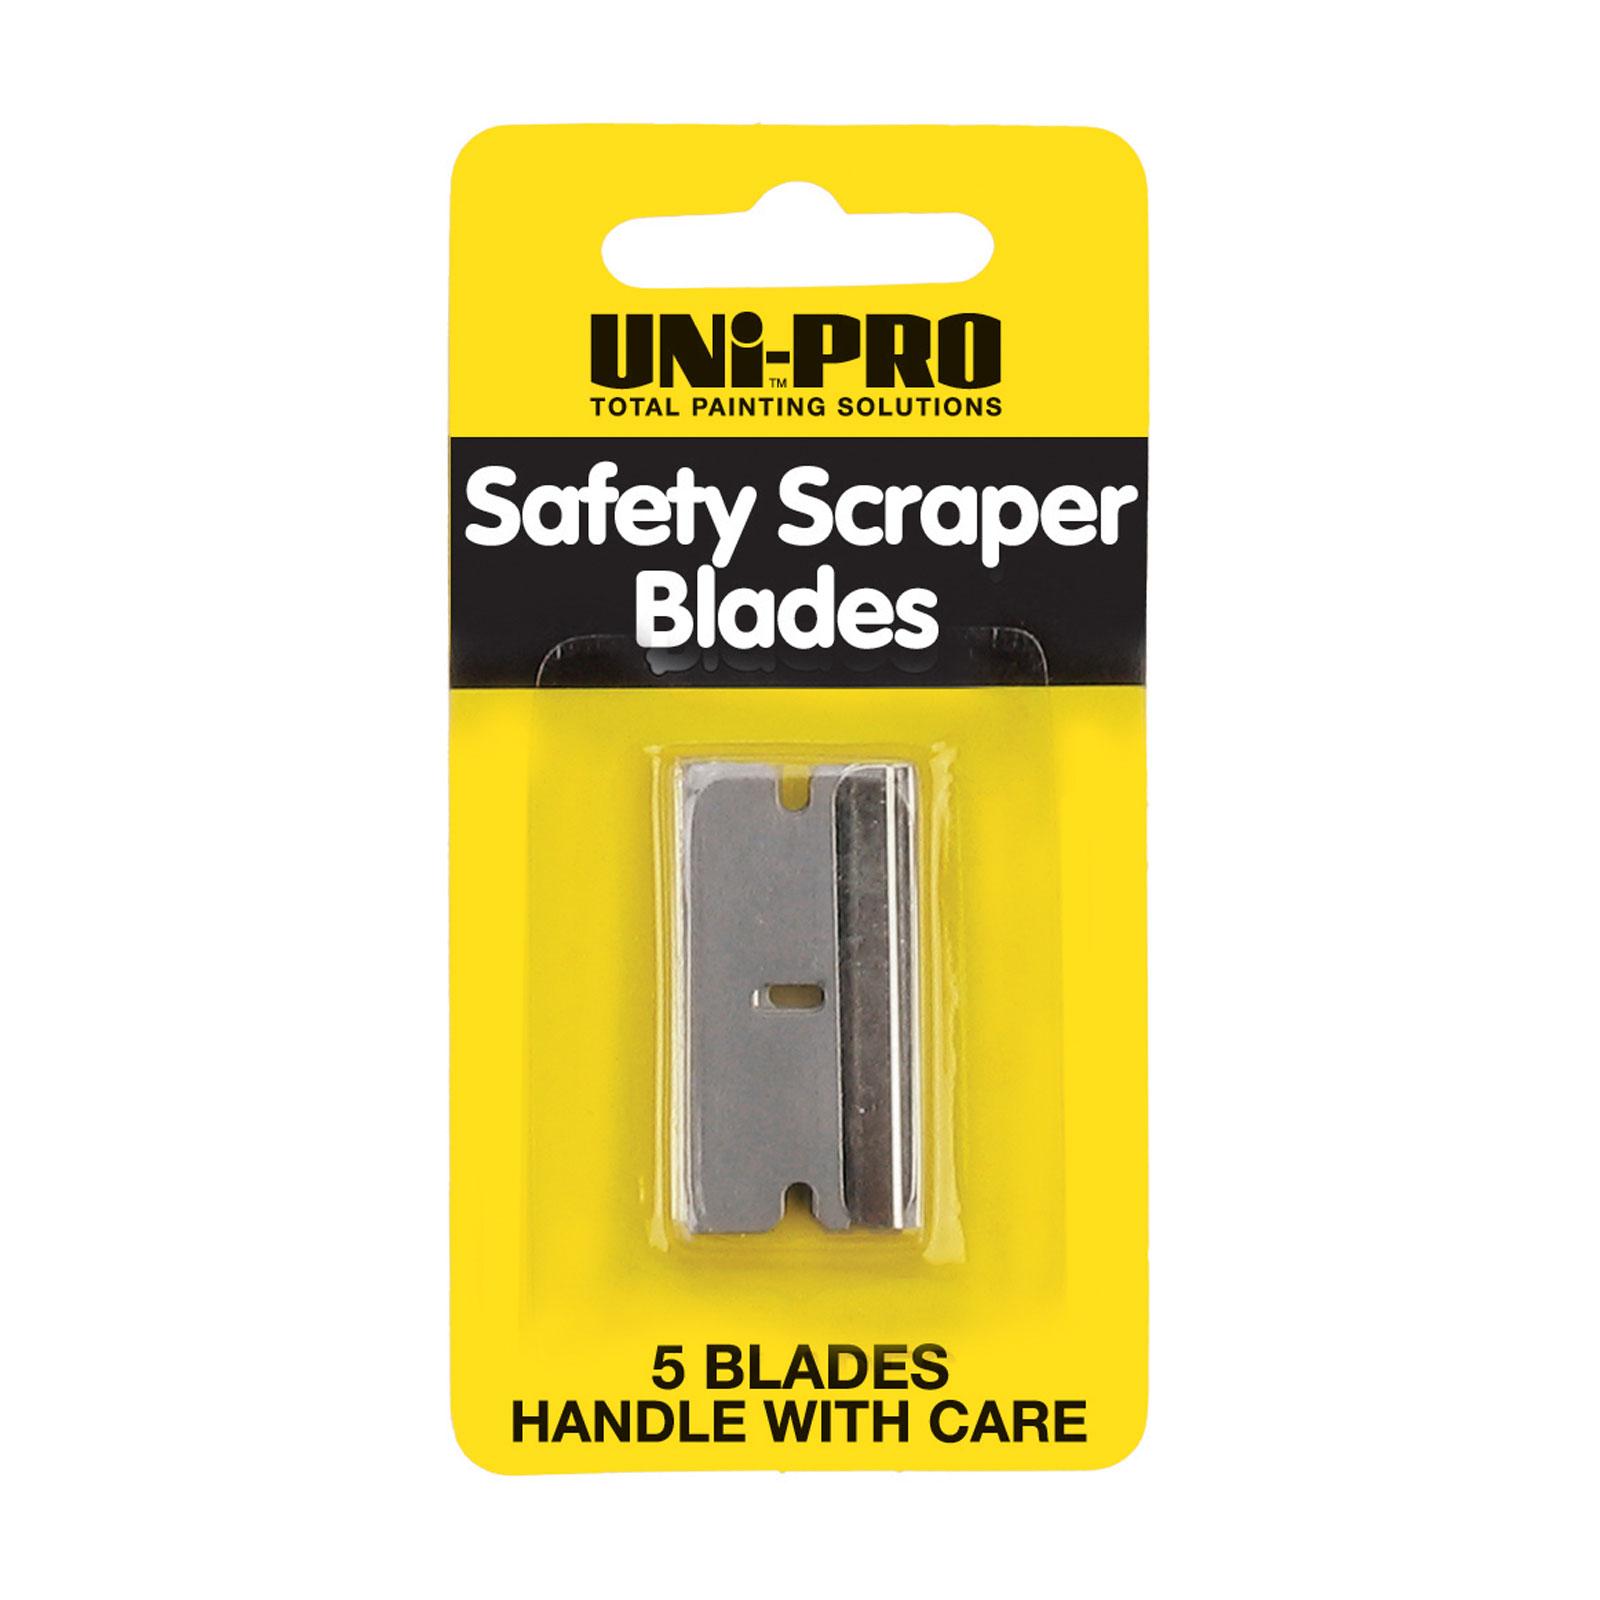 UNi-PRO Safety Scraper Repl. Blades